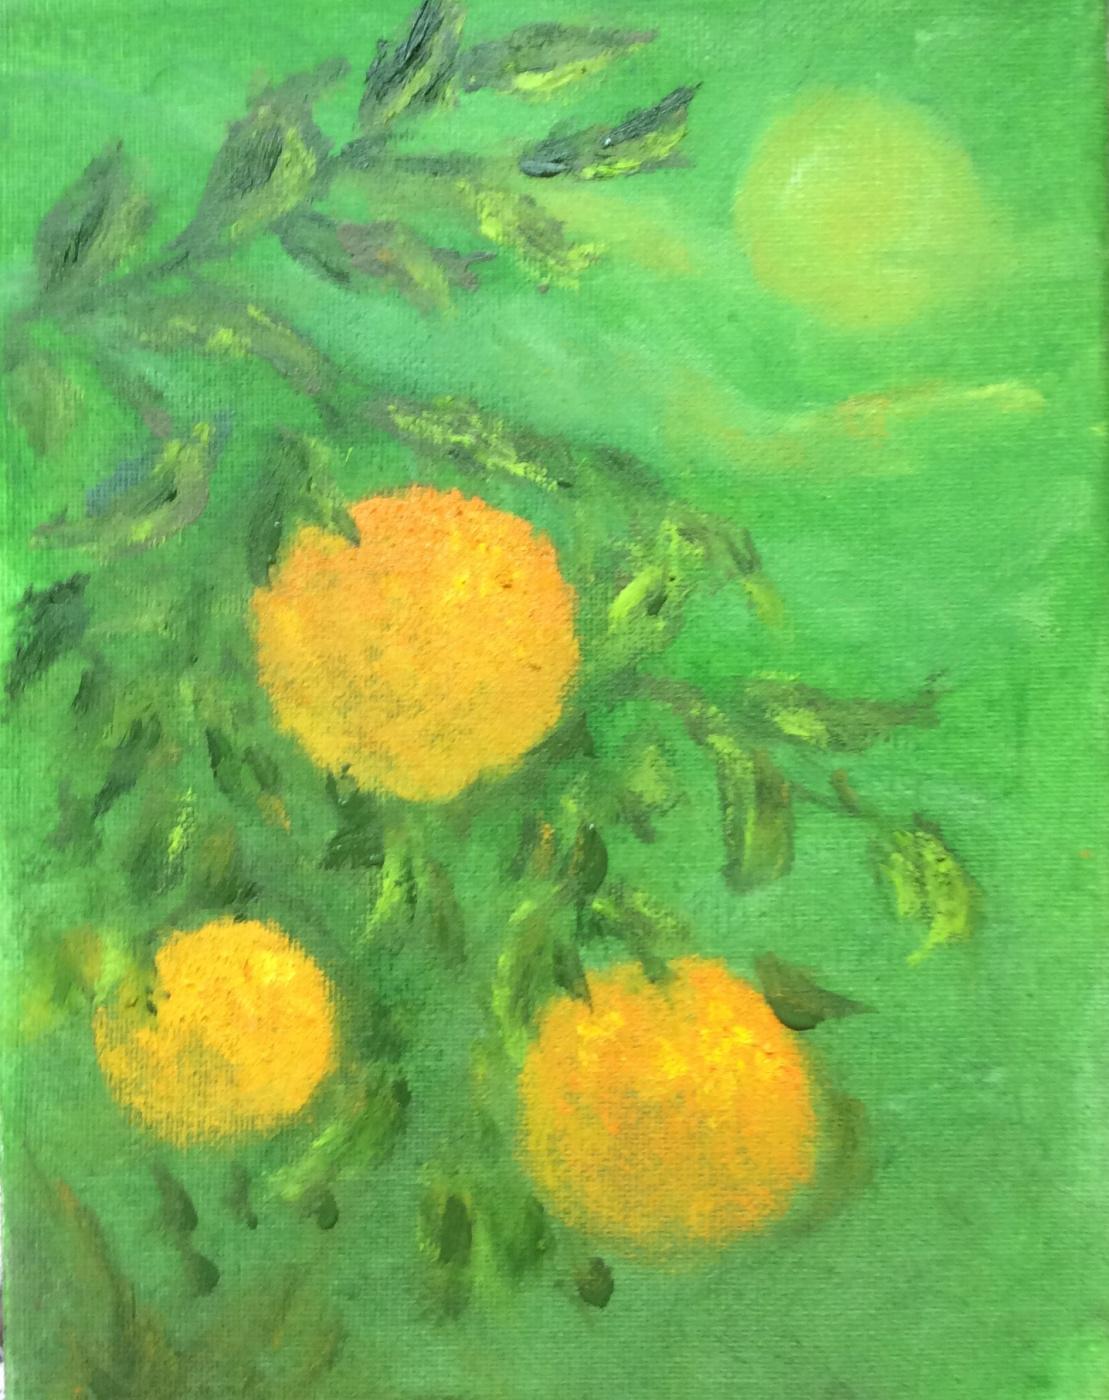 Рита Аркадьевна Бекман. Любовь к трем апельсинам